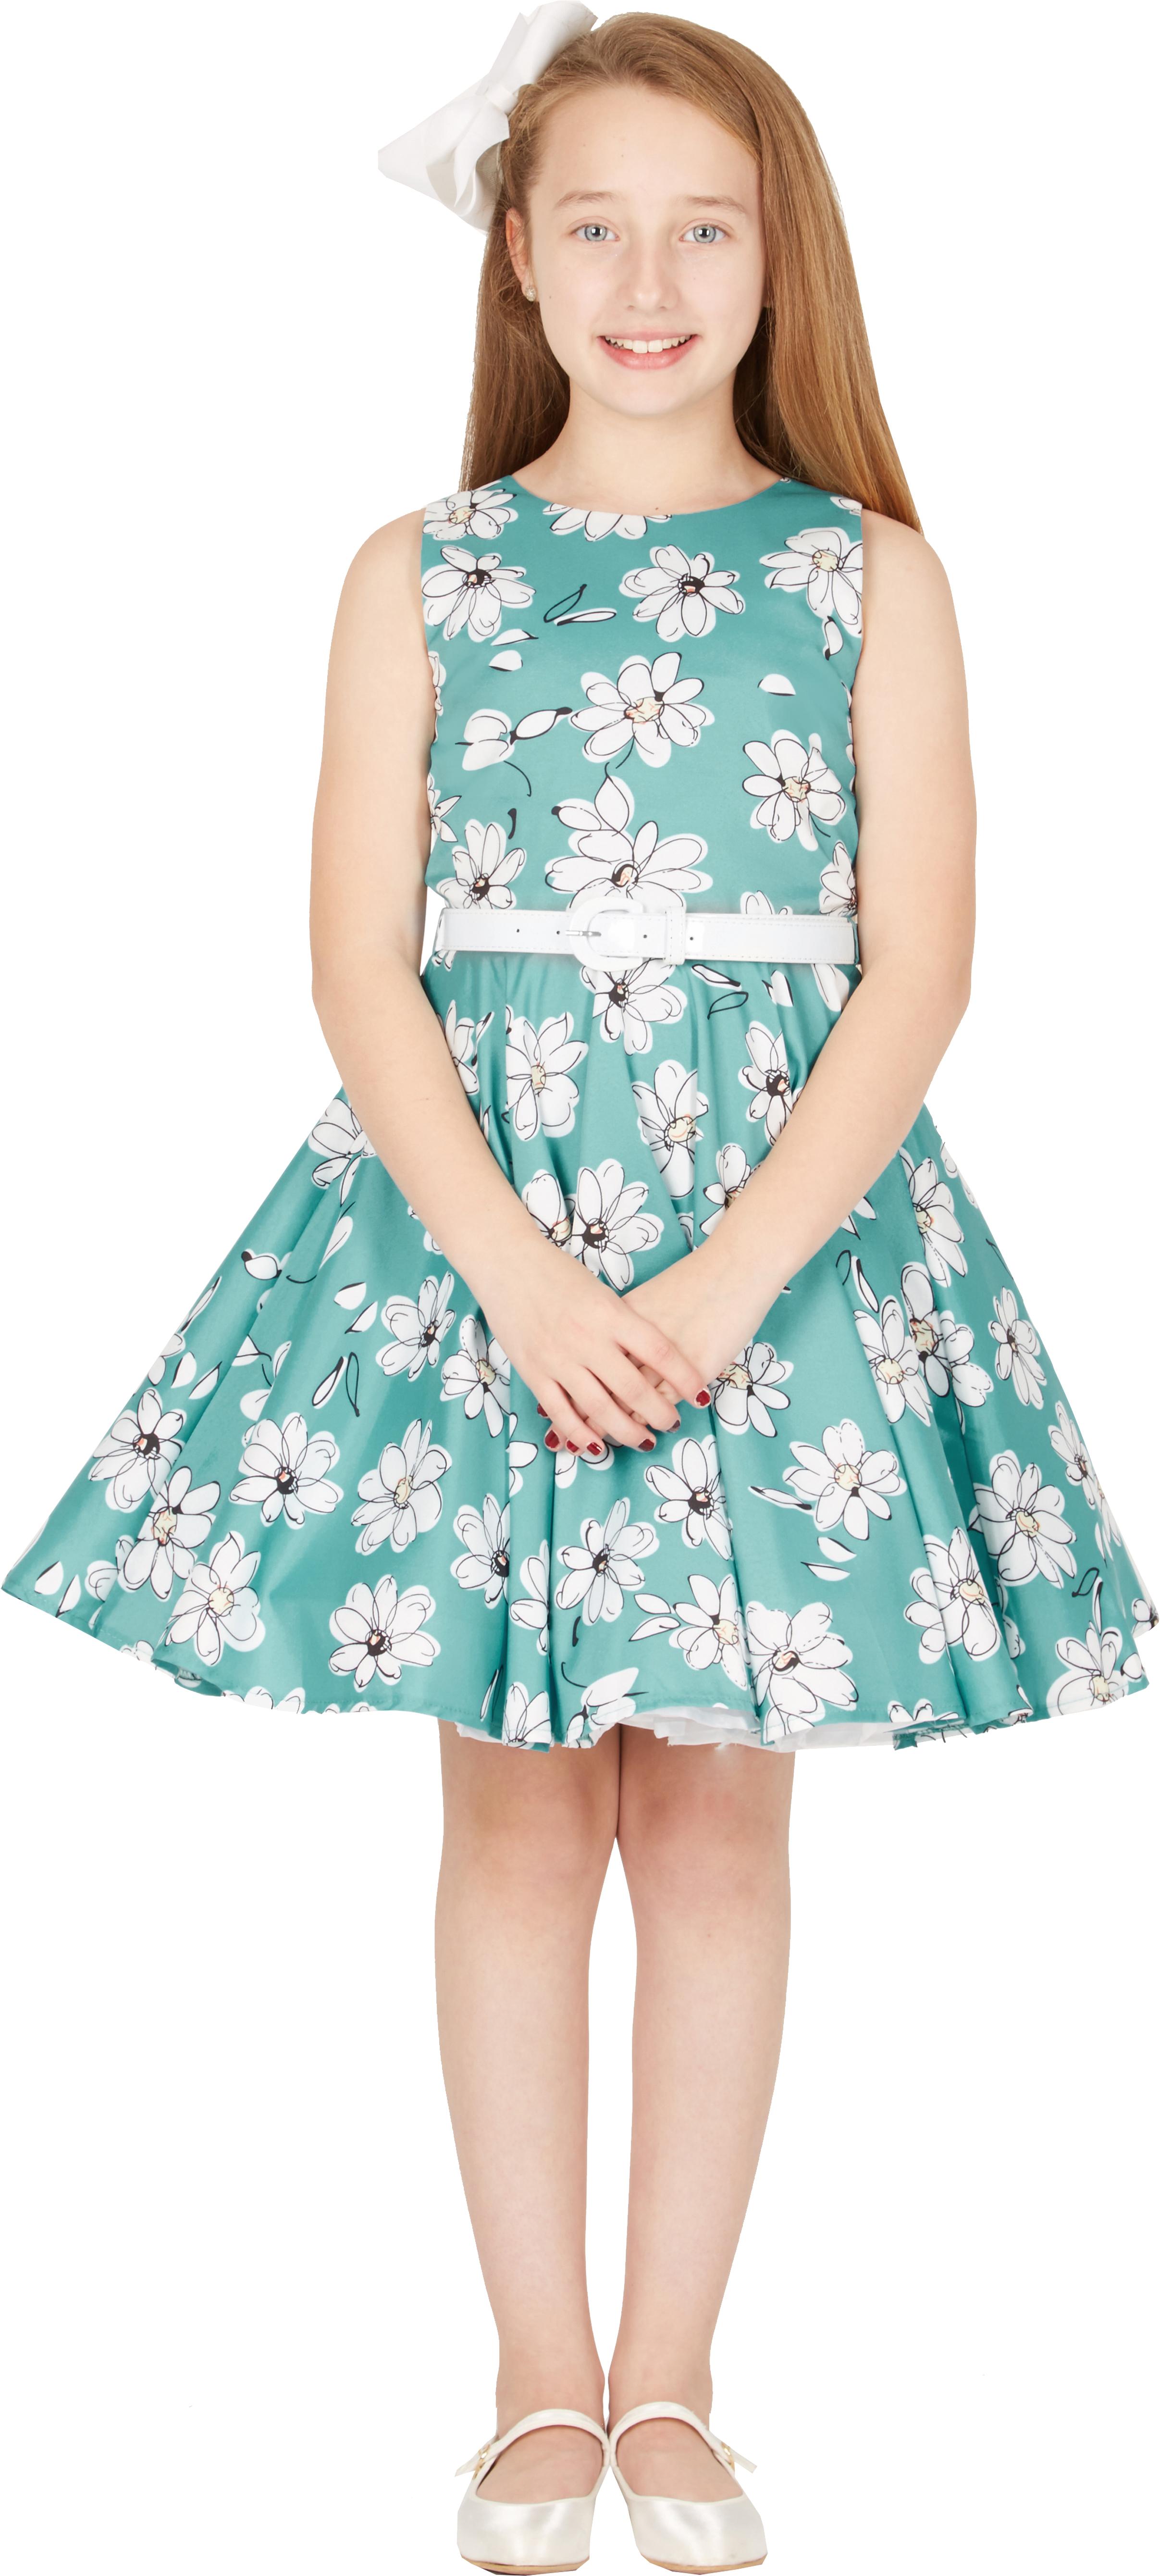 Kids \'Audrey\' Vintage Daisy 50\'s Party Girls Prom Dress   eBay